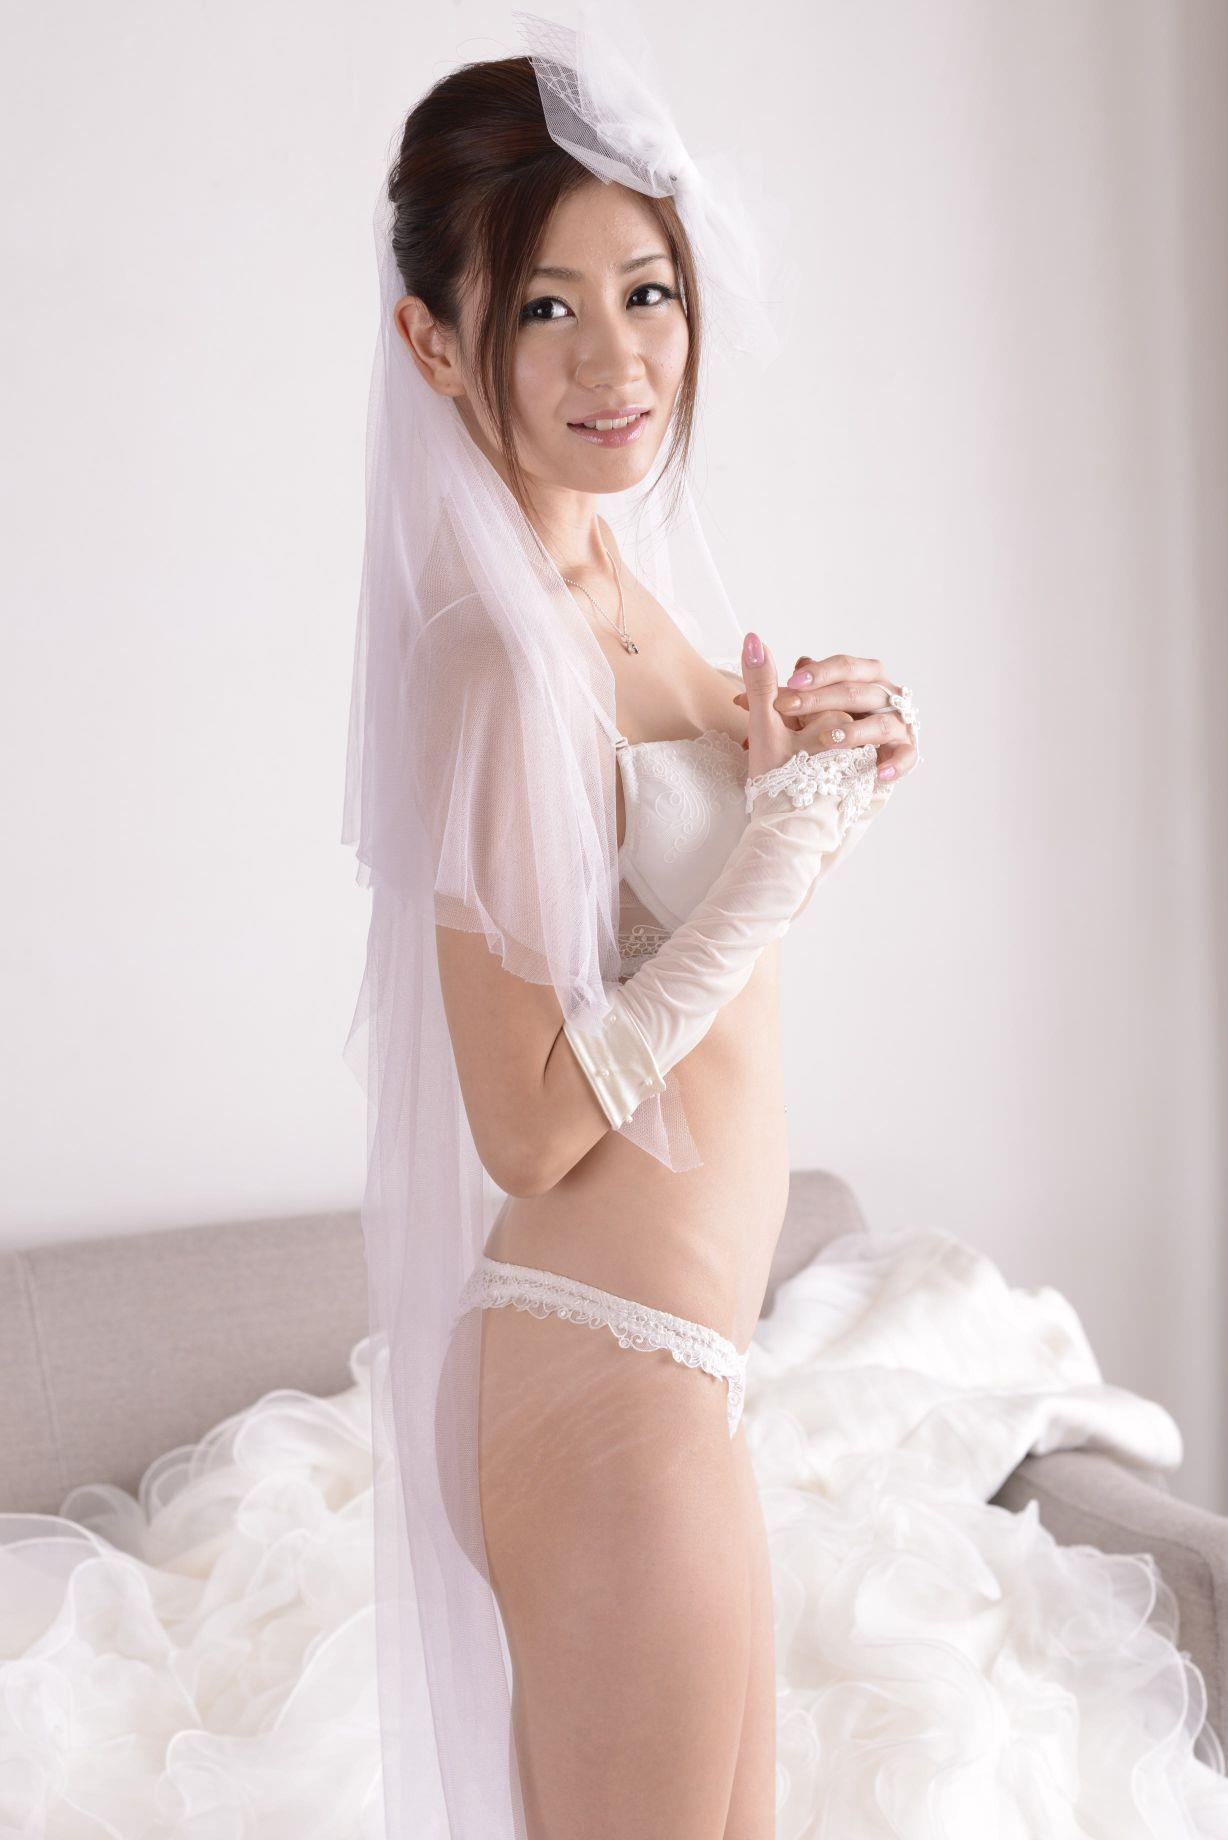 前田かおり ウェディングドレス画像 60